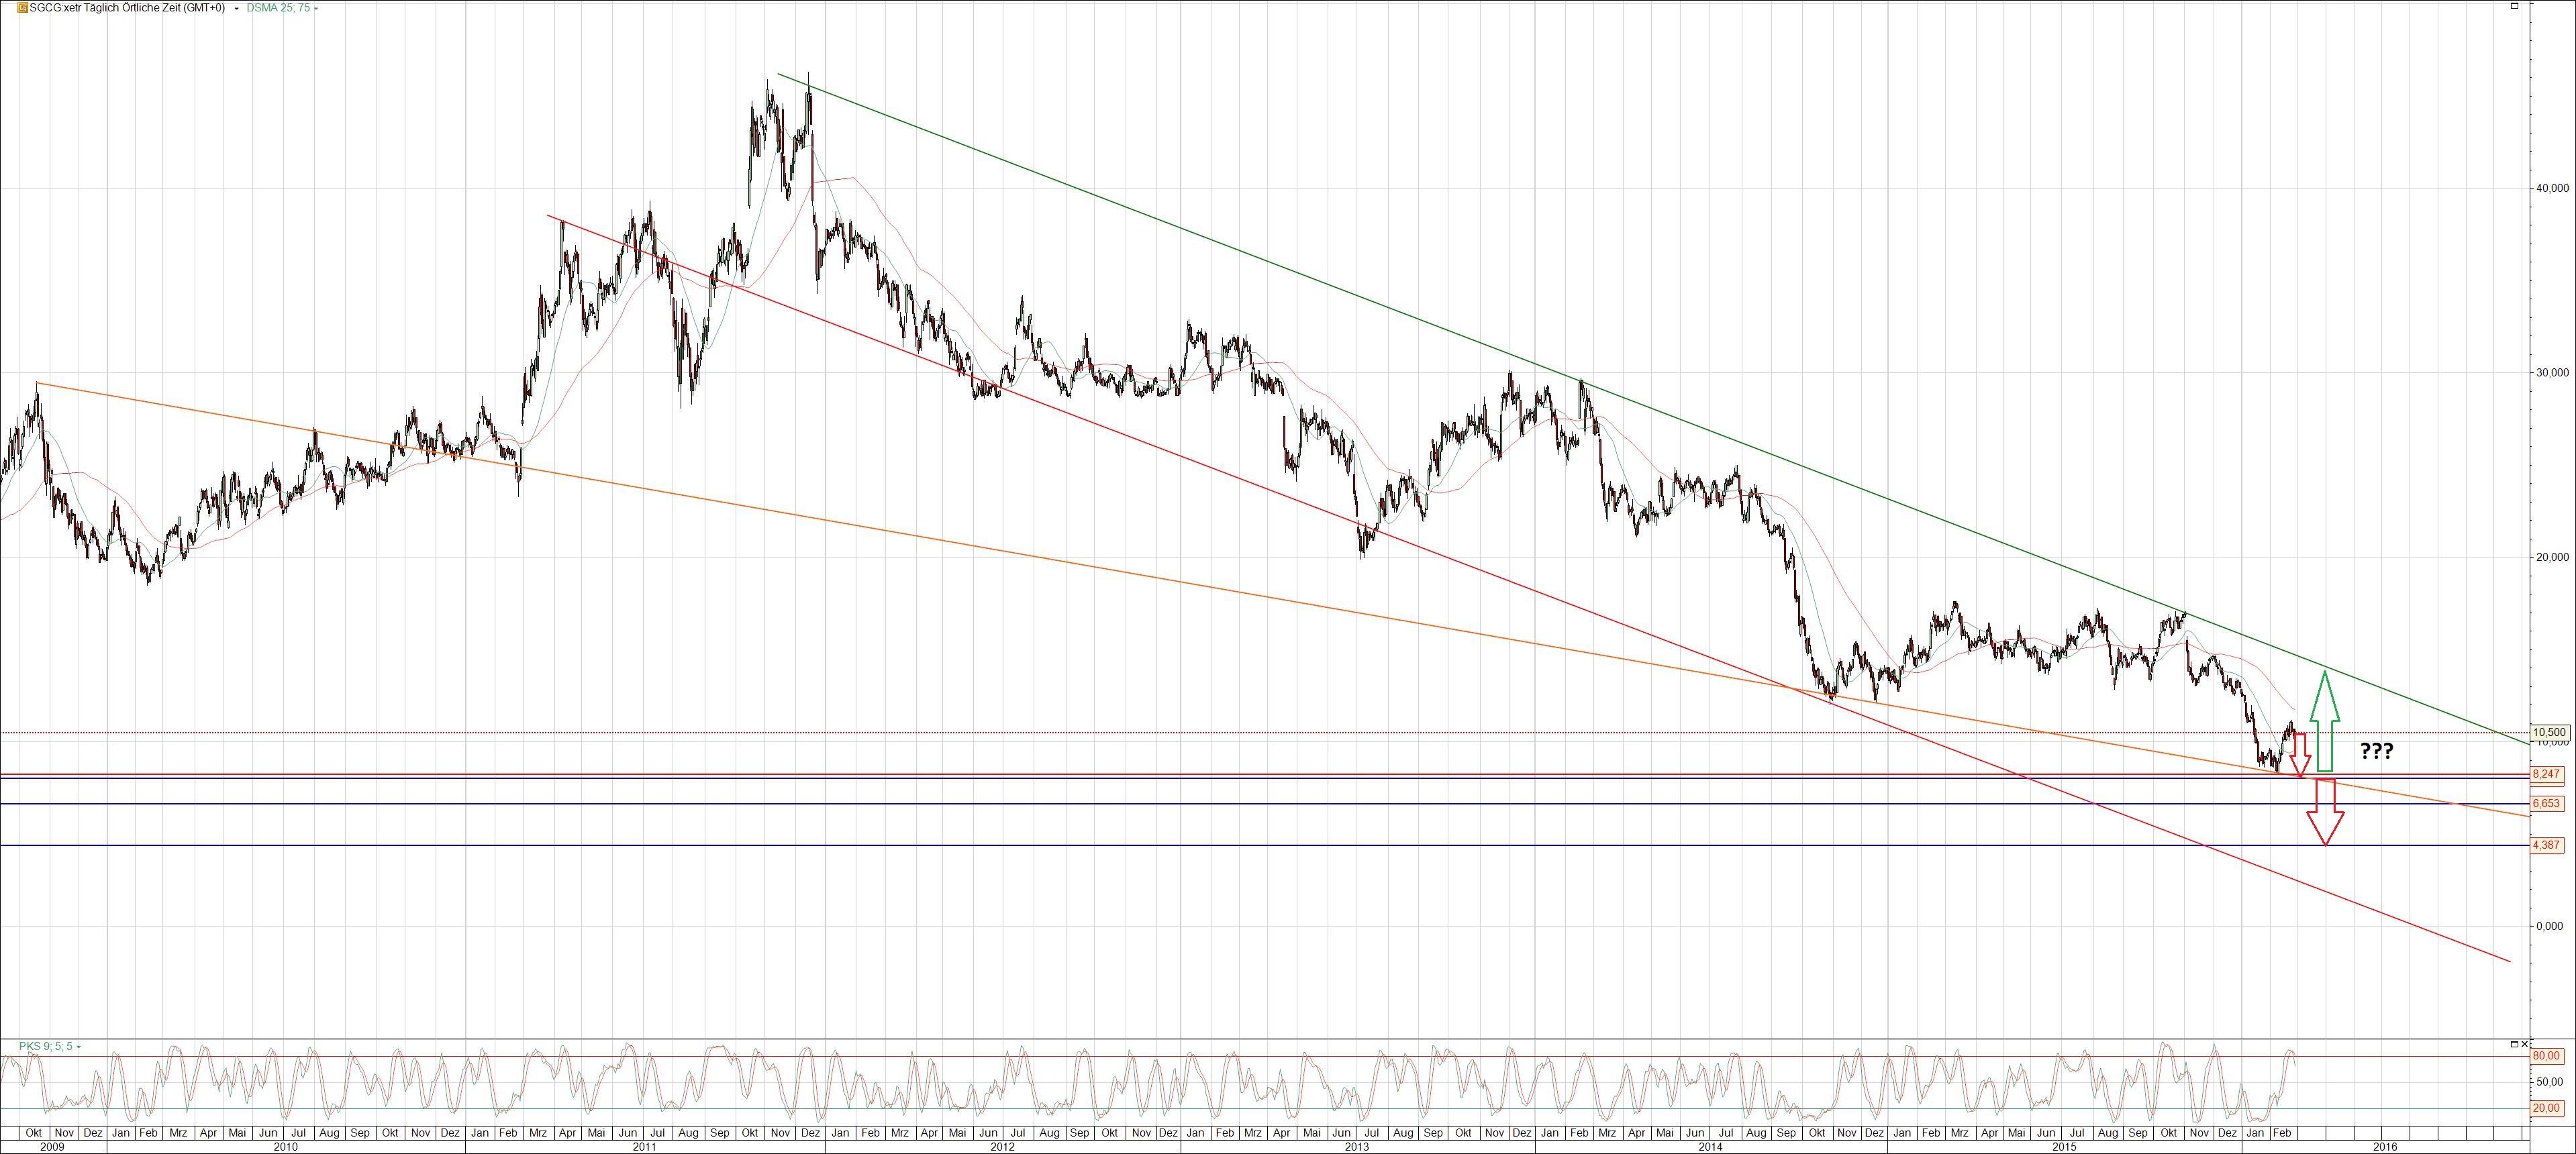 SGL Carbon Aktie Chart mit Trendlinien